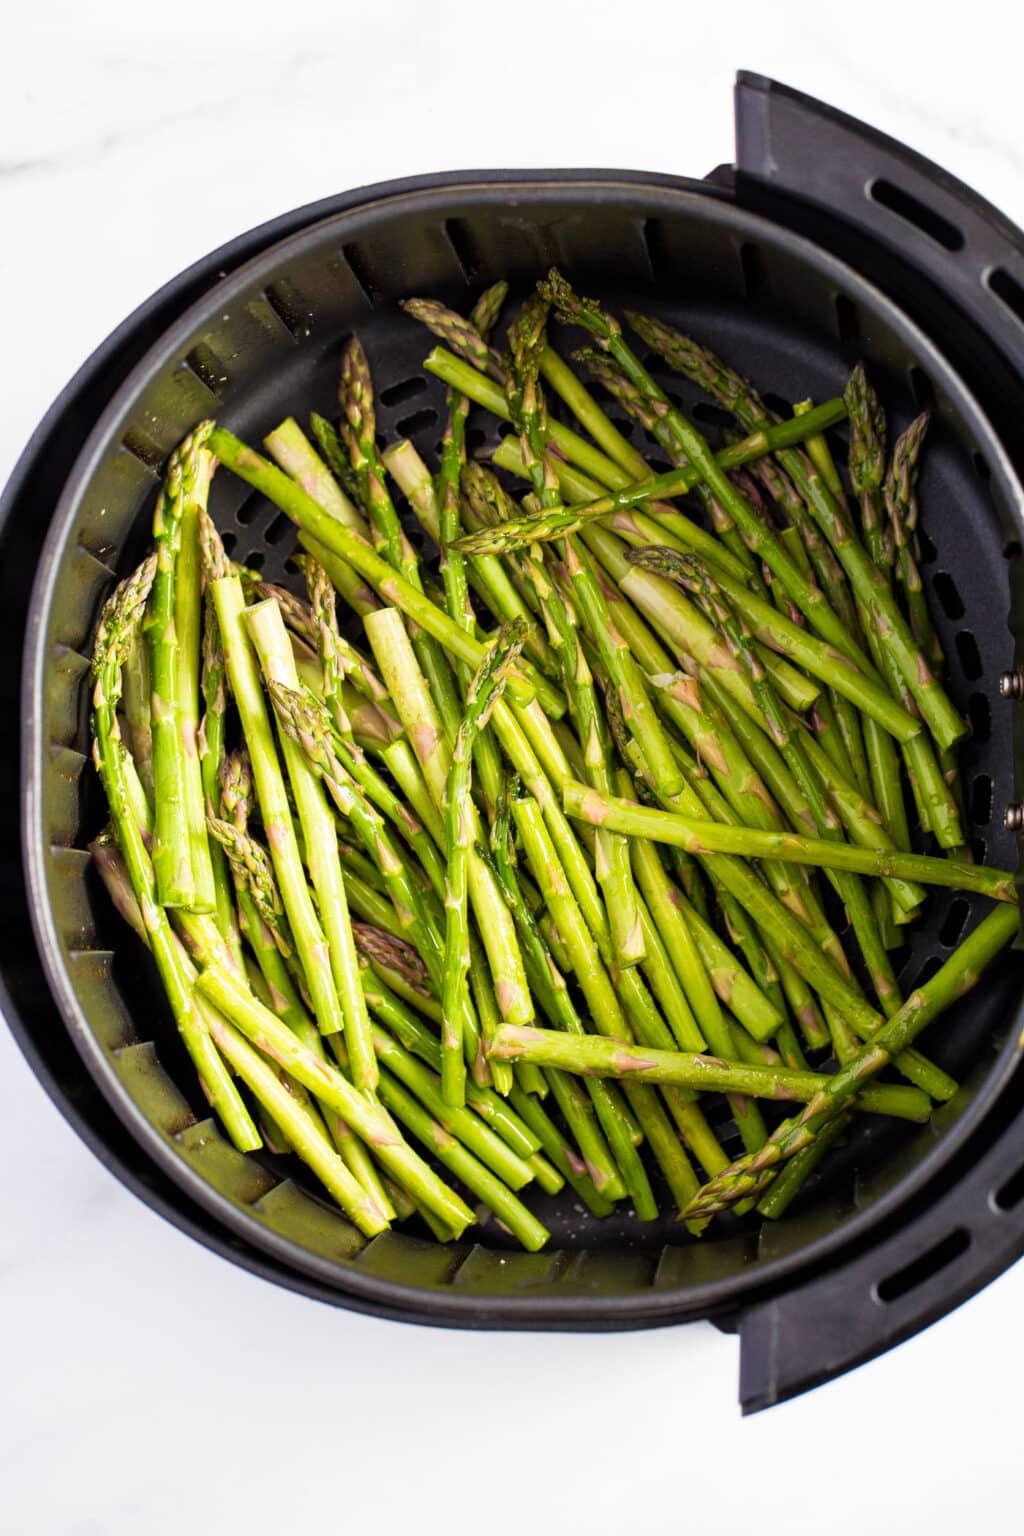 asparagus in an air fryer